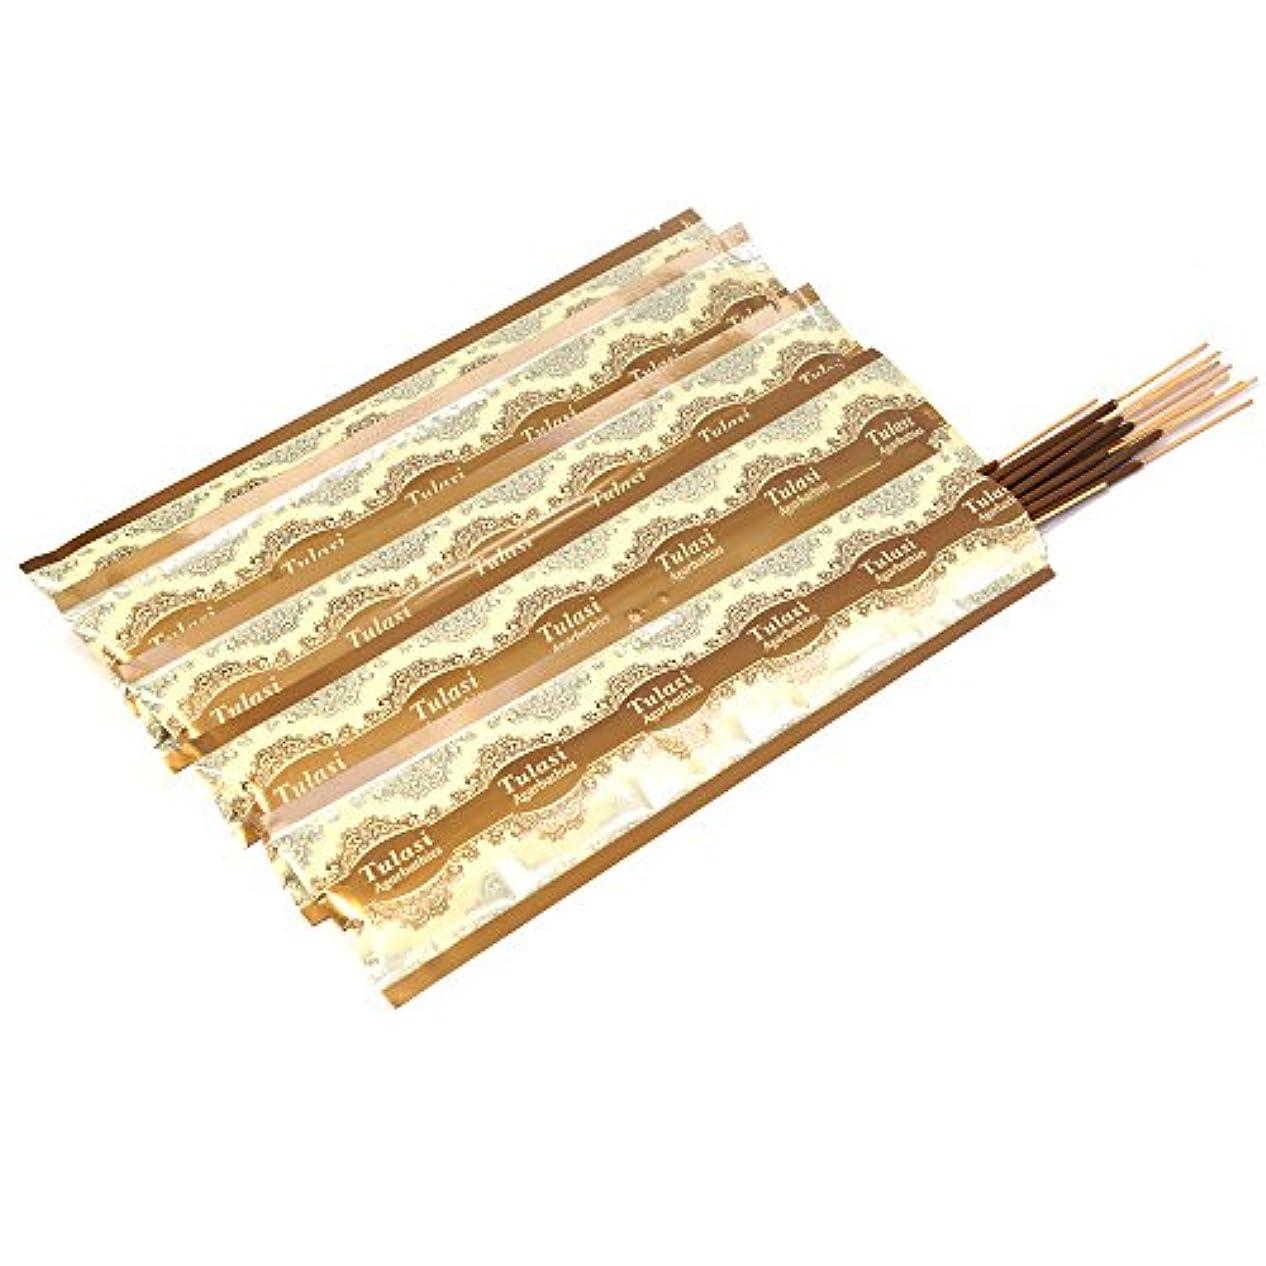 試す肌寒いデータFree Nag Champa variety Gift Pack in Herbal TreatジャンボAgarbatti | Incense Sticks Set of 15 Fragrances by Ikshvaku